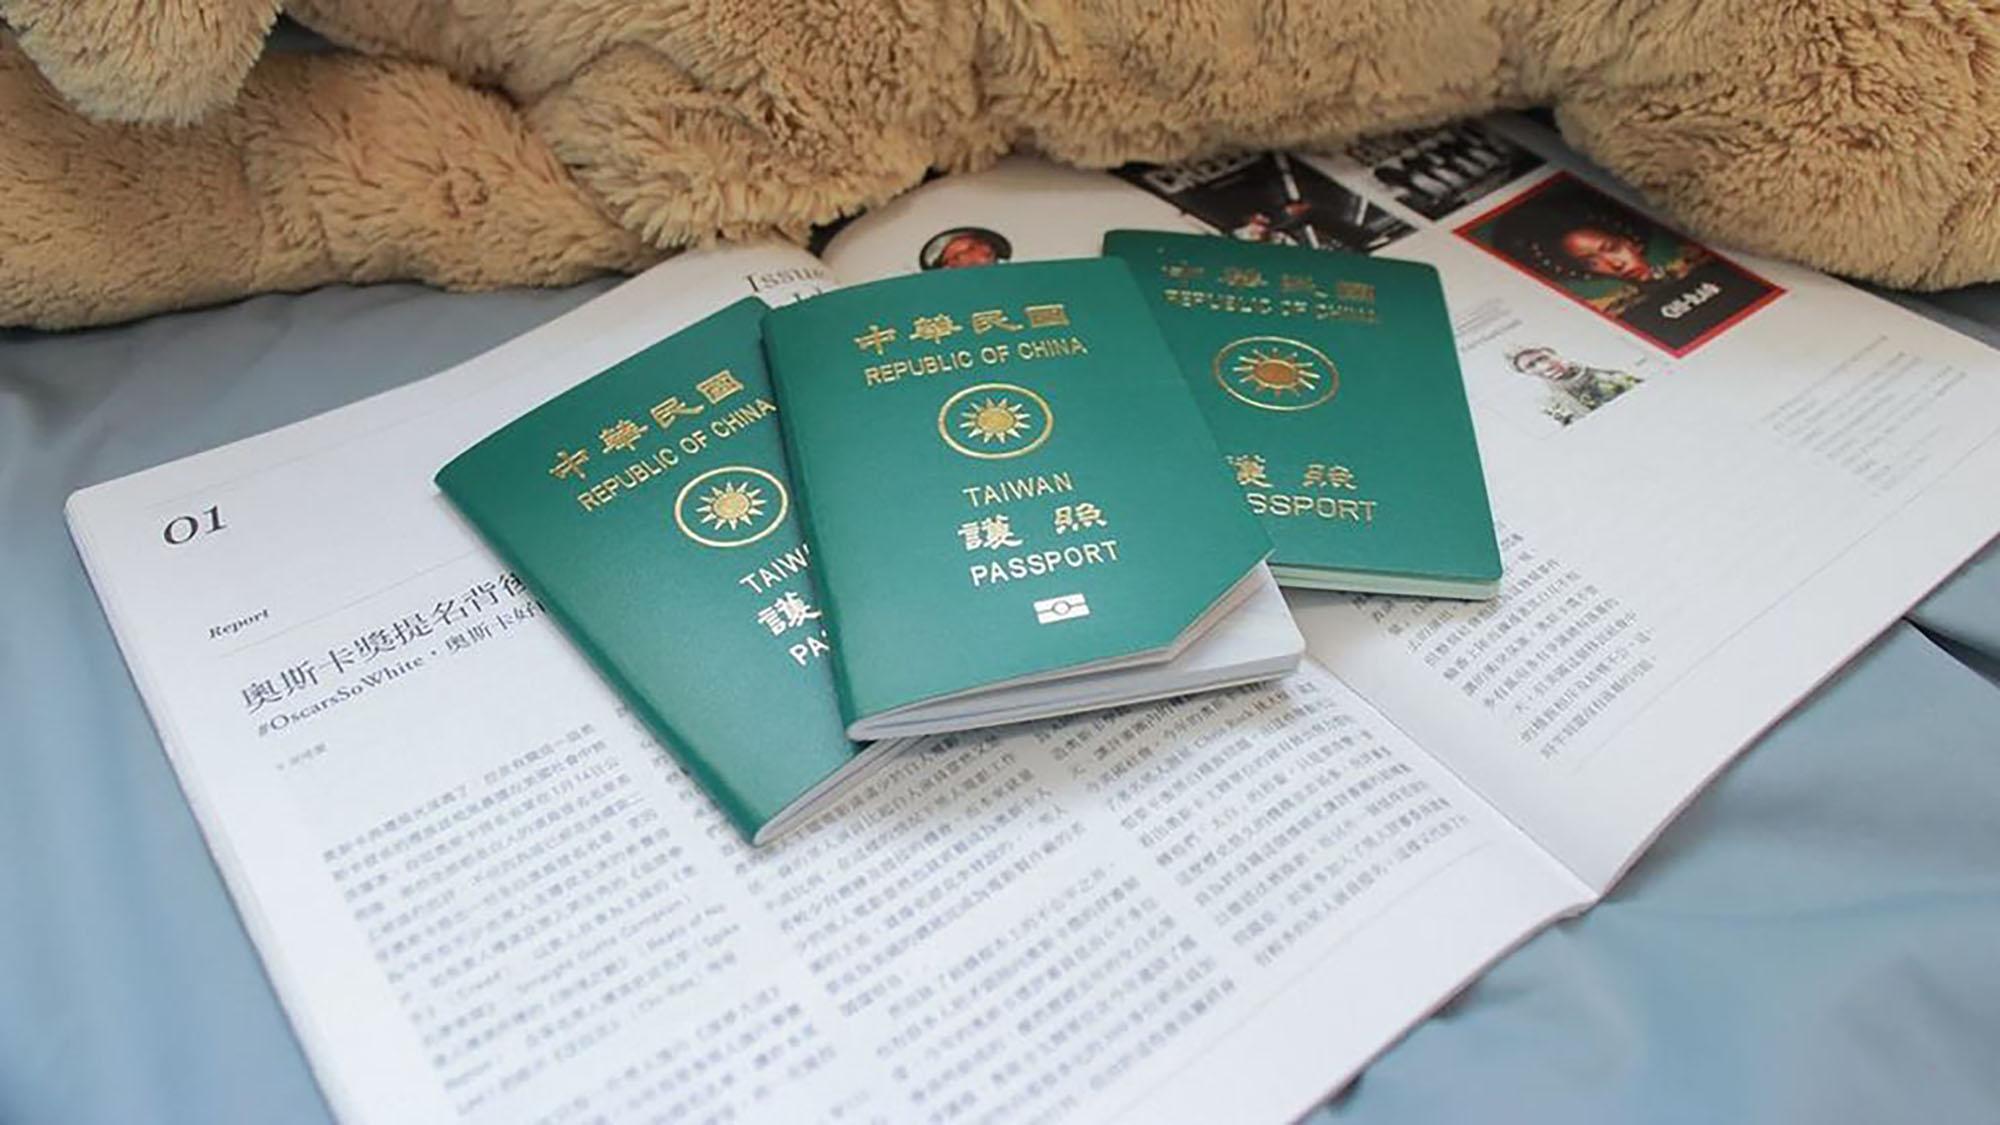 如何申辦護照?護照與機票拼音不同怎麼辦?